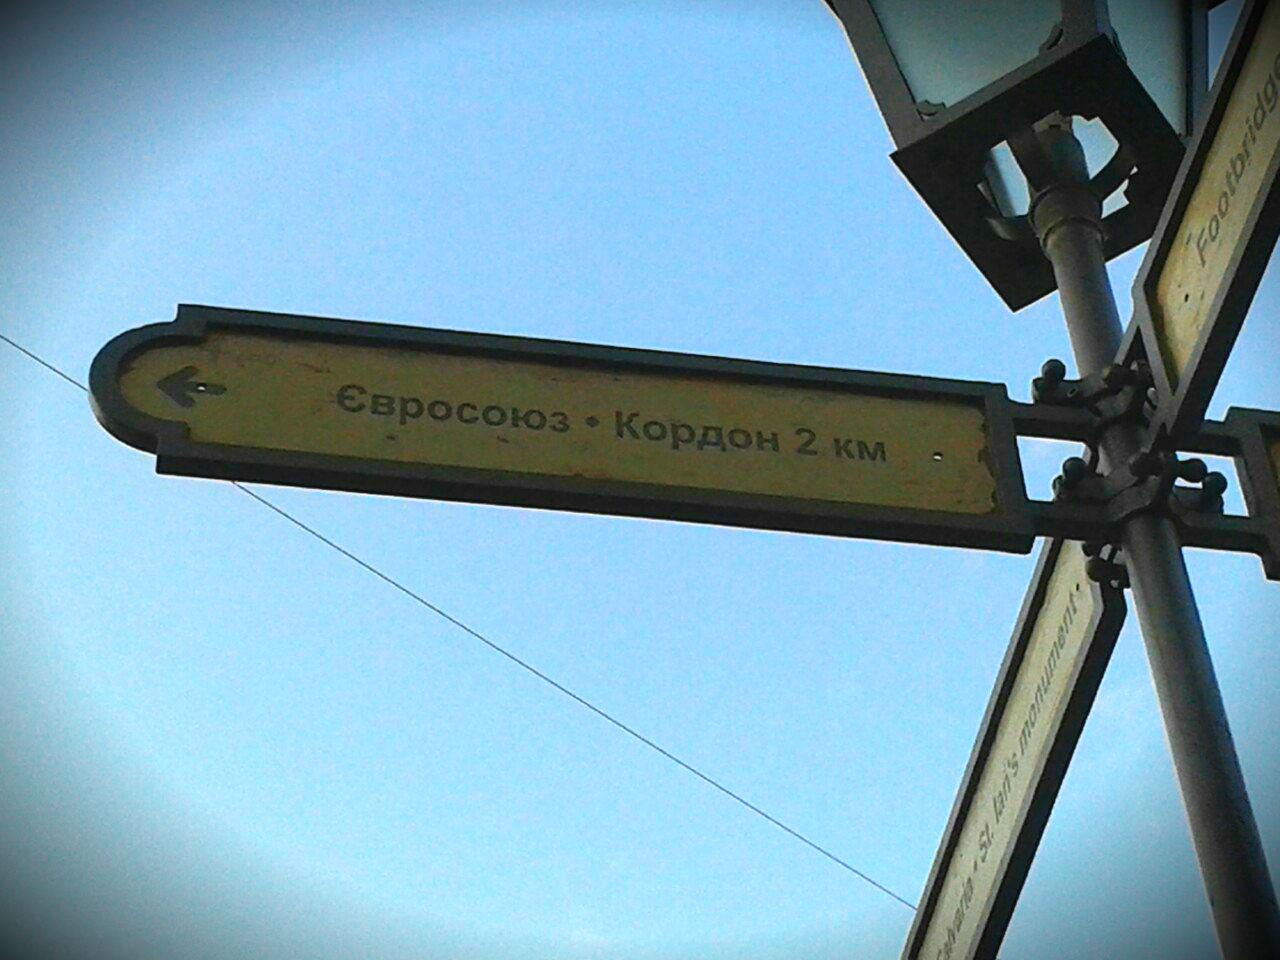 Близькість кордону з Євросоюзом в Ужгороді